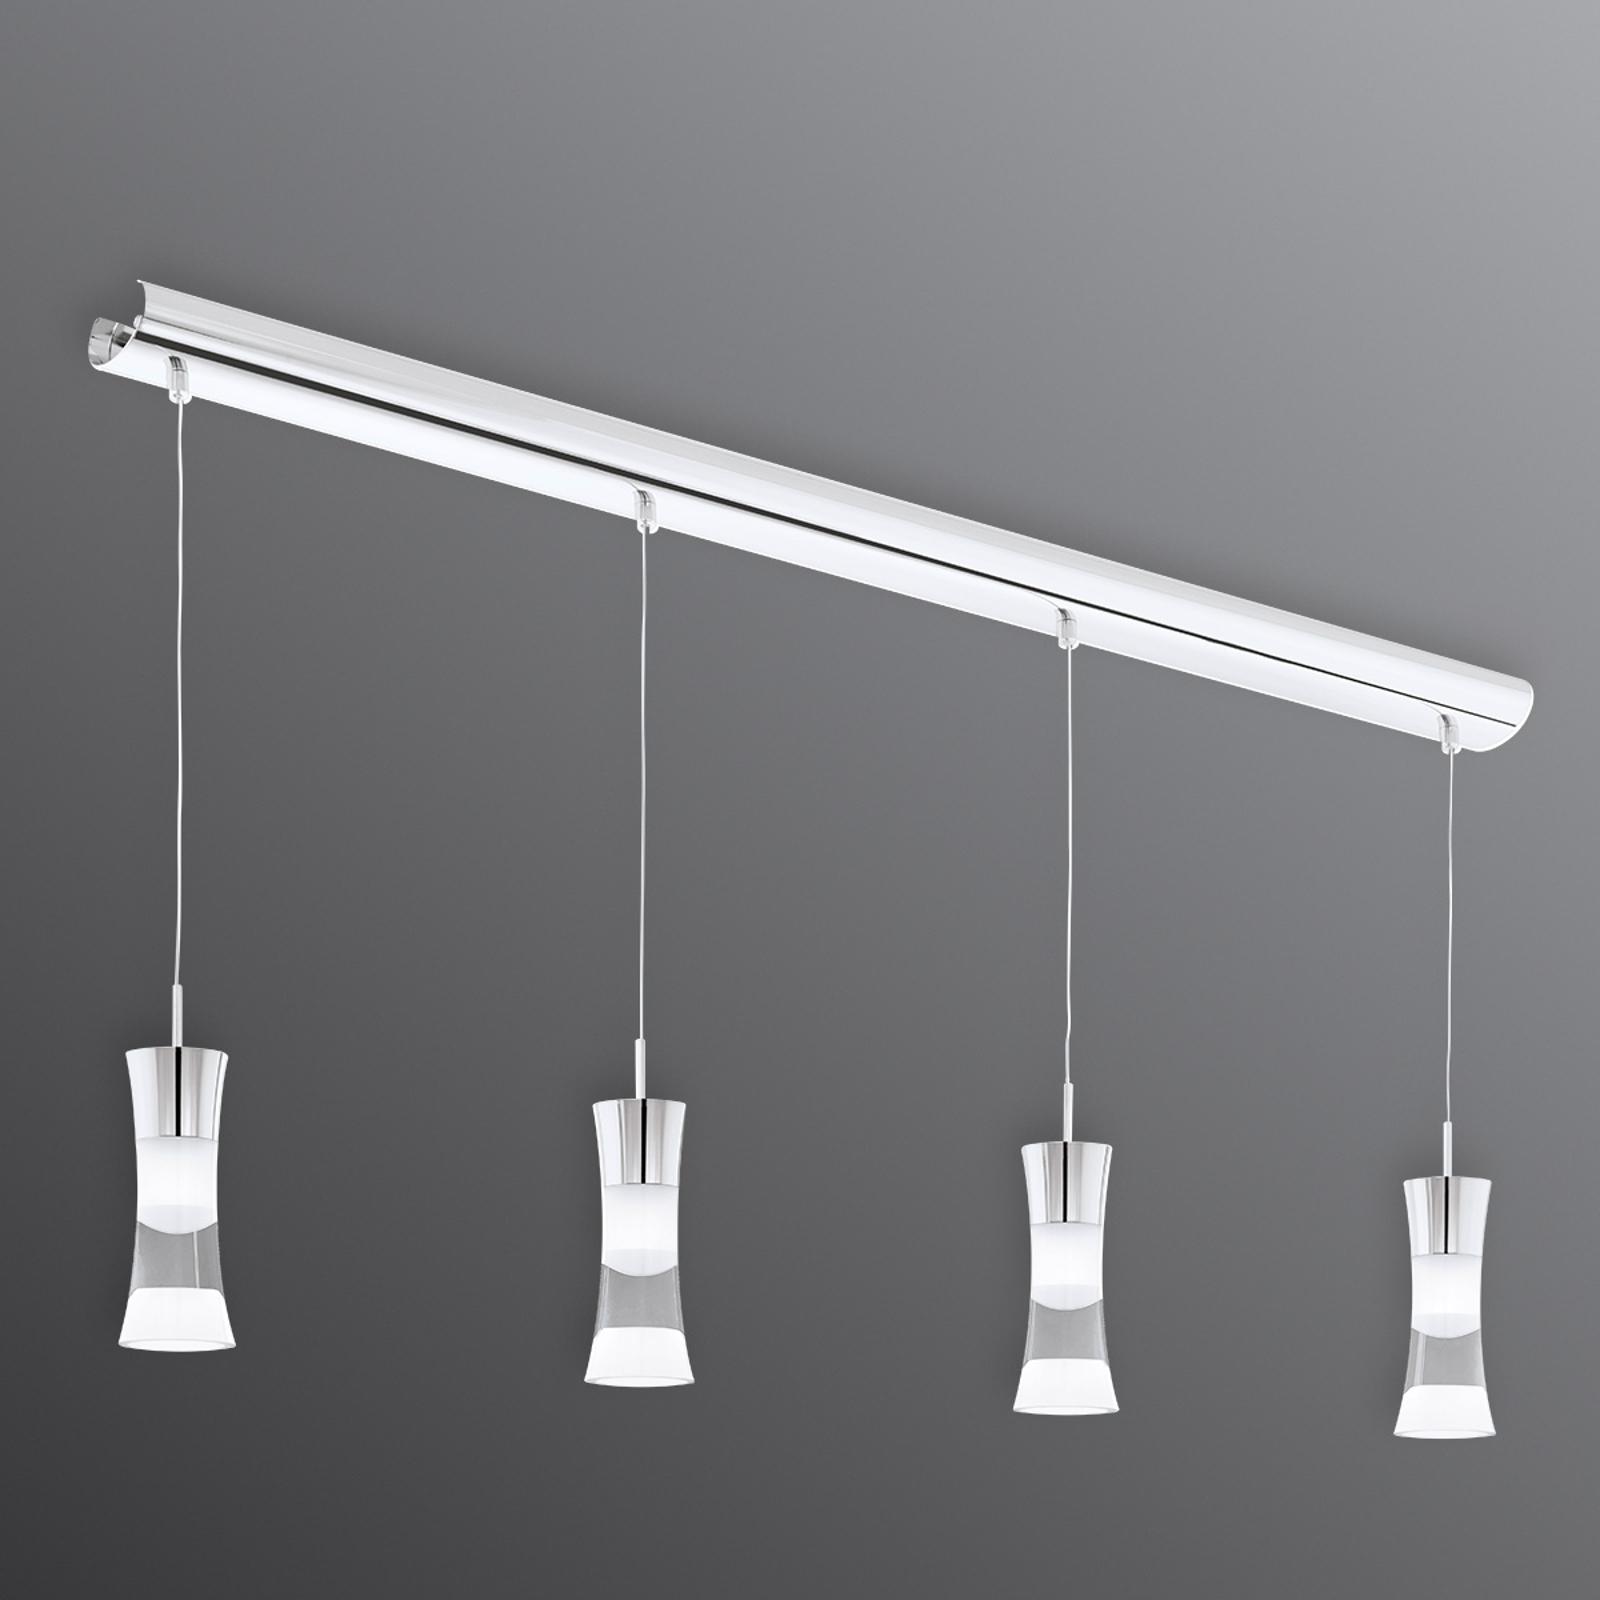 Lampada LED a sospensione 4 luci Pancento acciaio